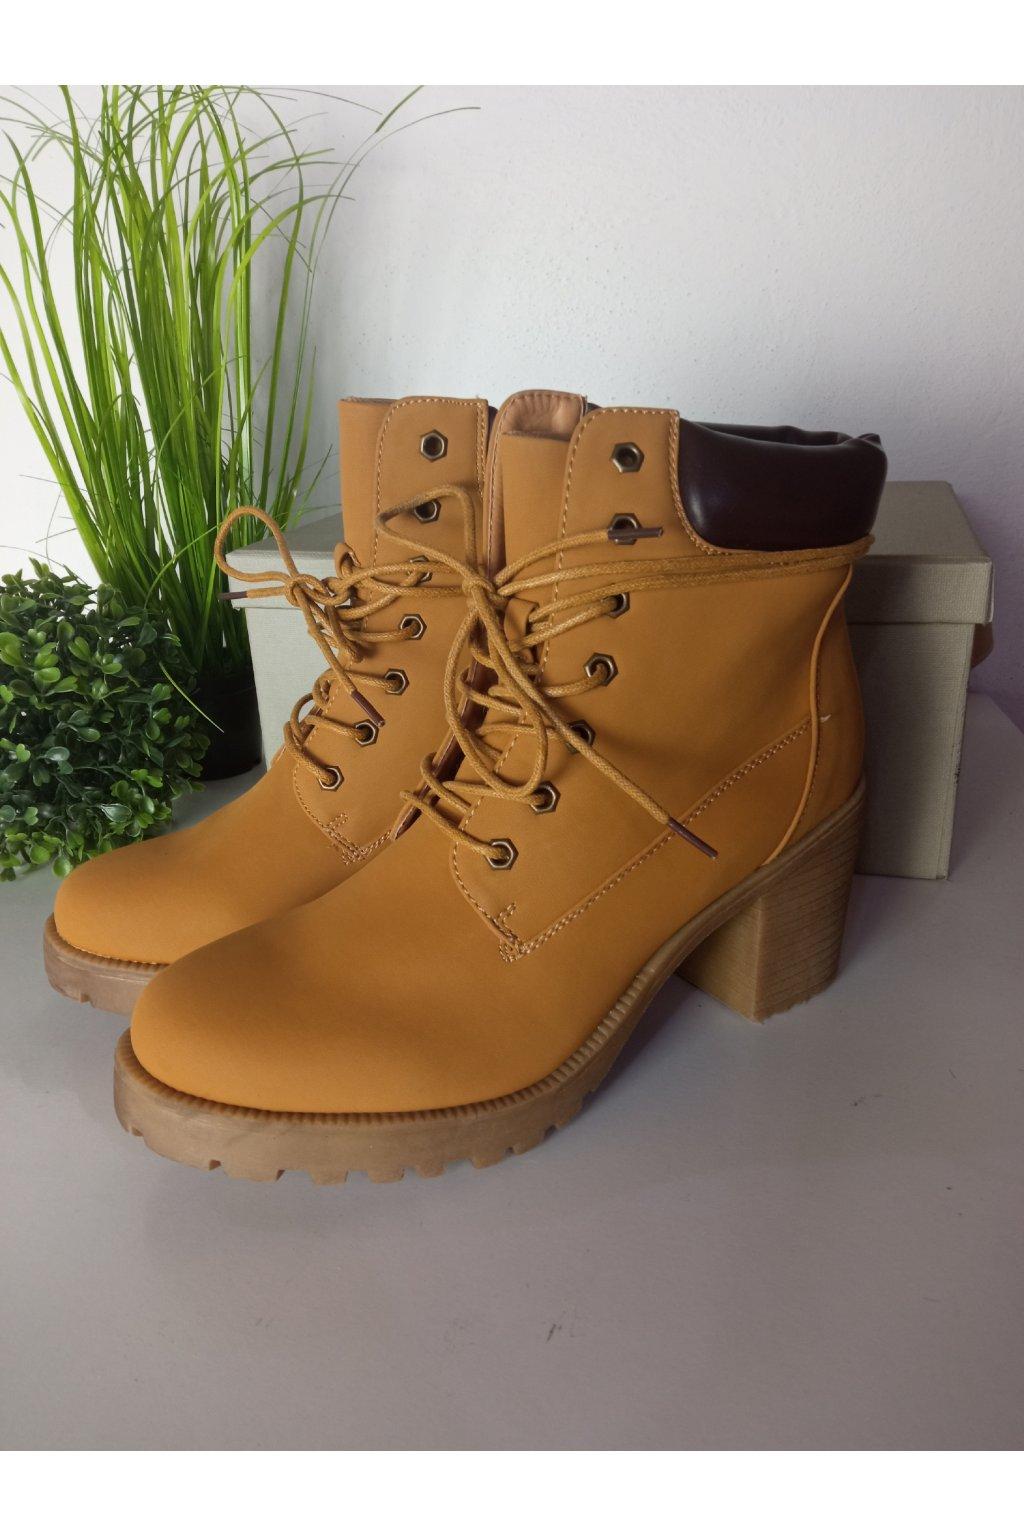 Hnedé topánky NJSK MQ1860C/S3-11P